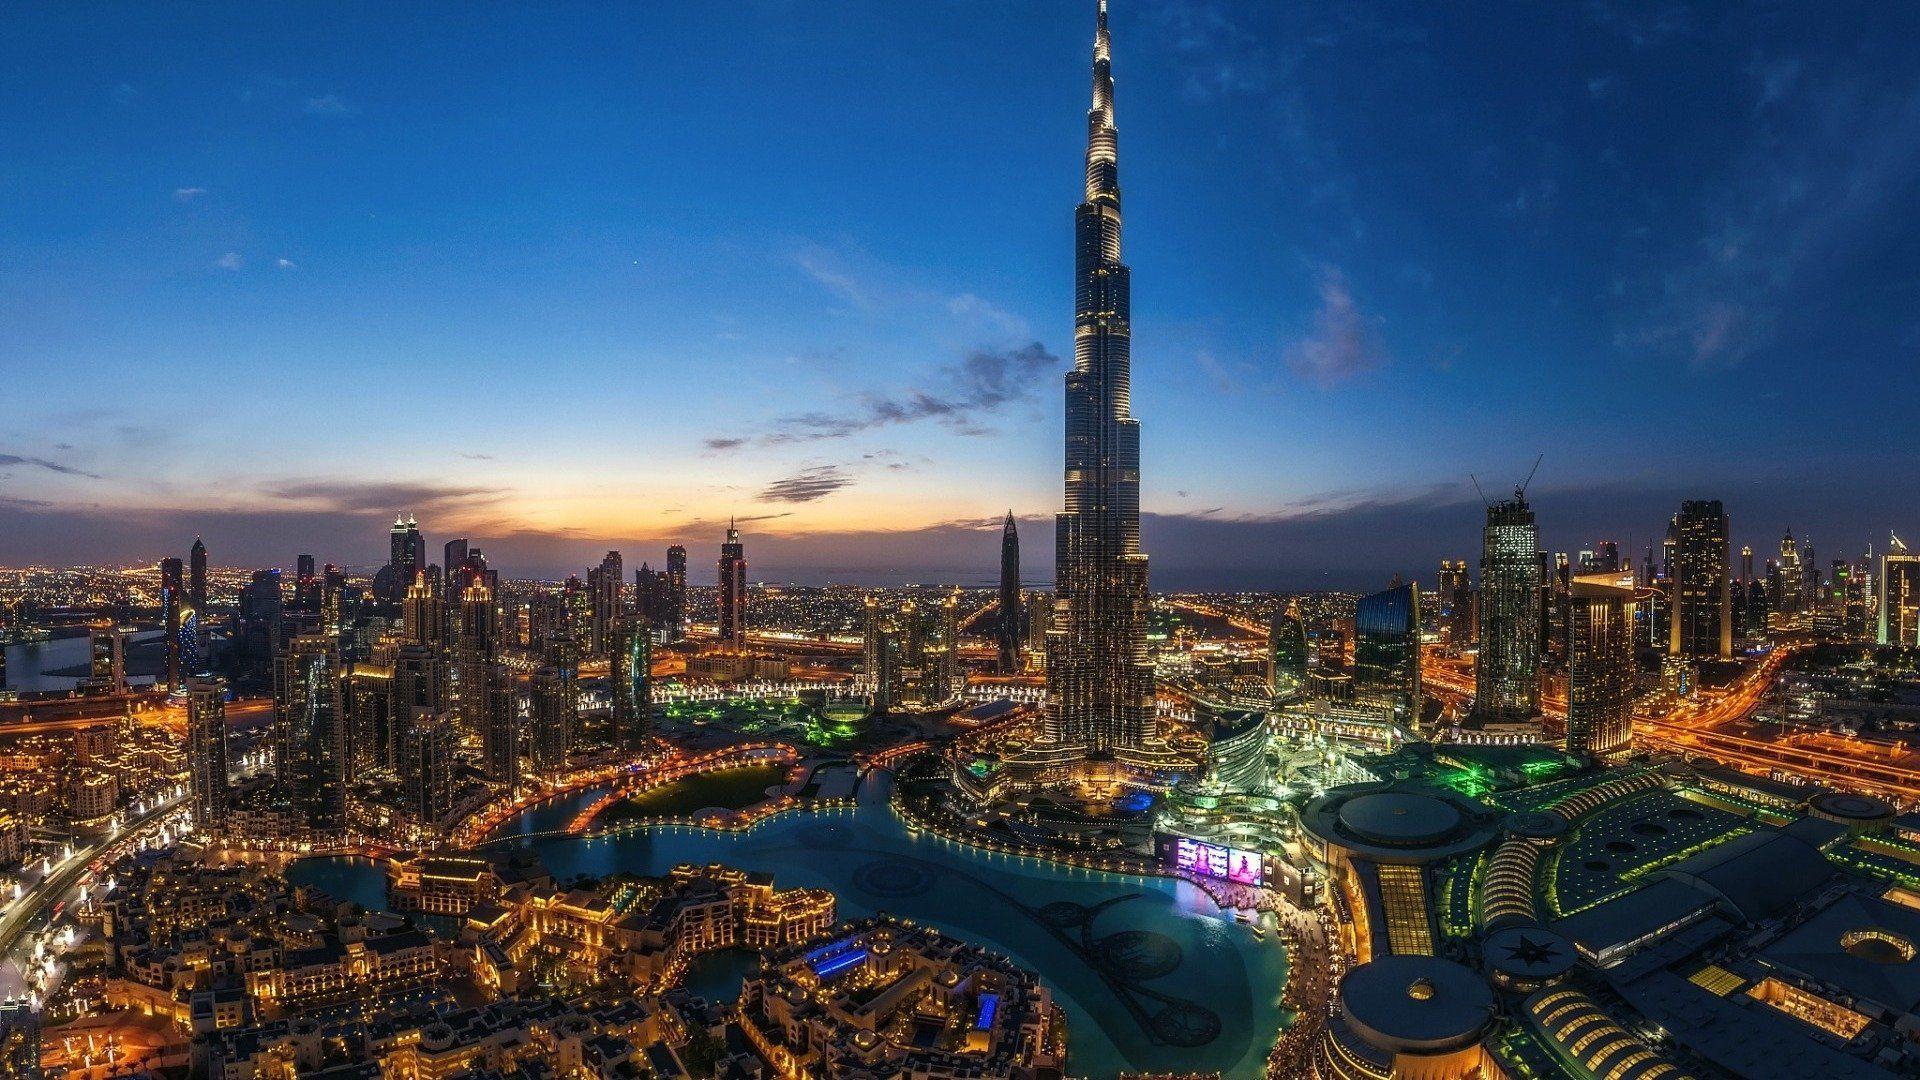 Download Dubai Desert Wallpaper 4K Background